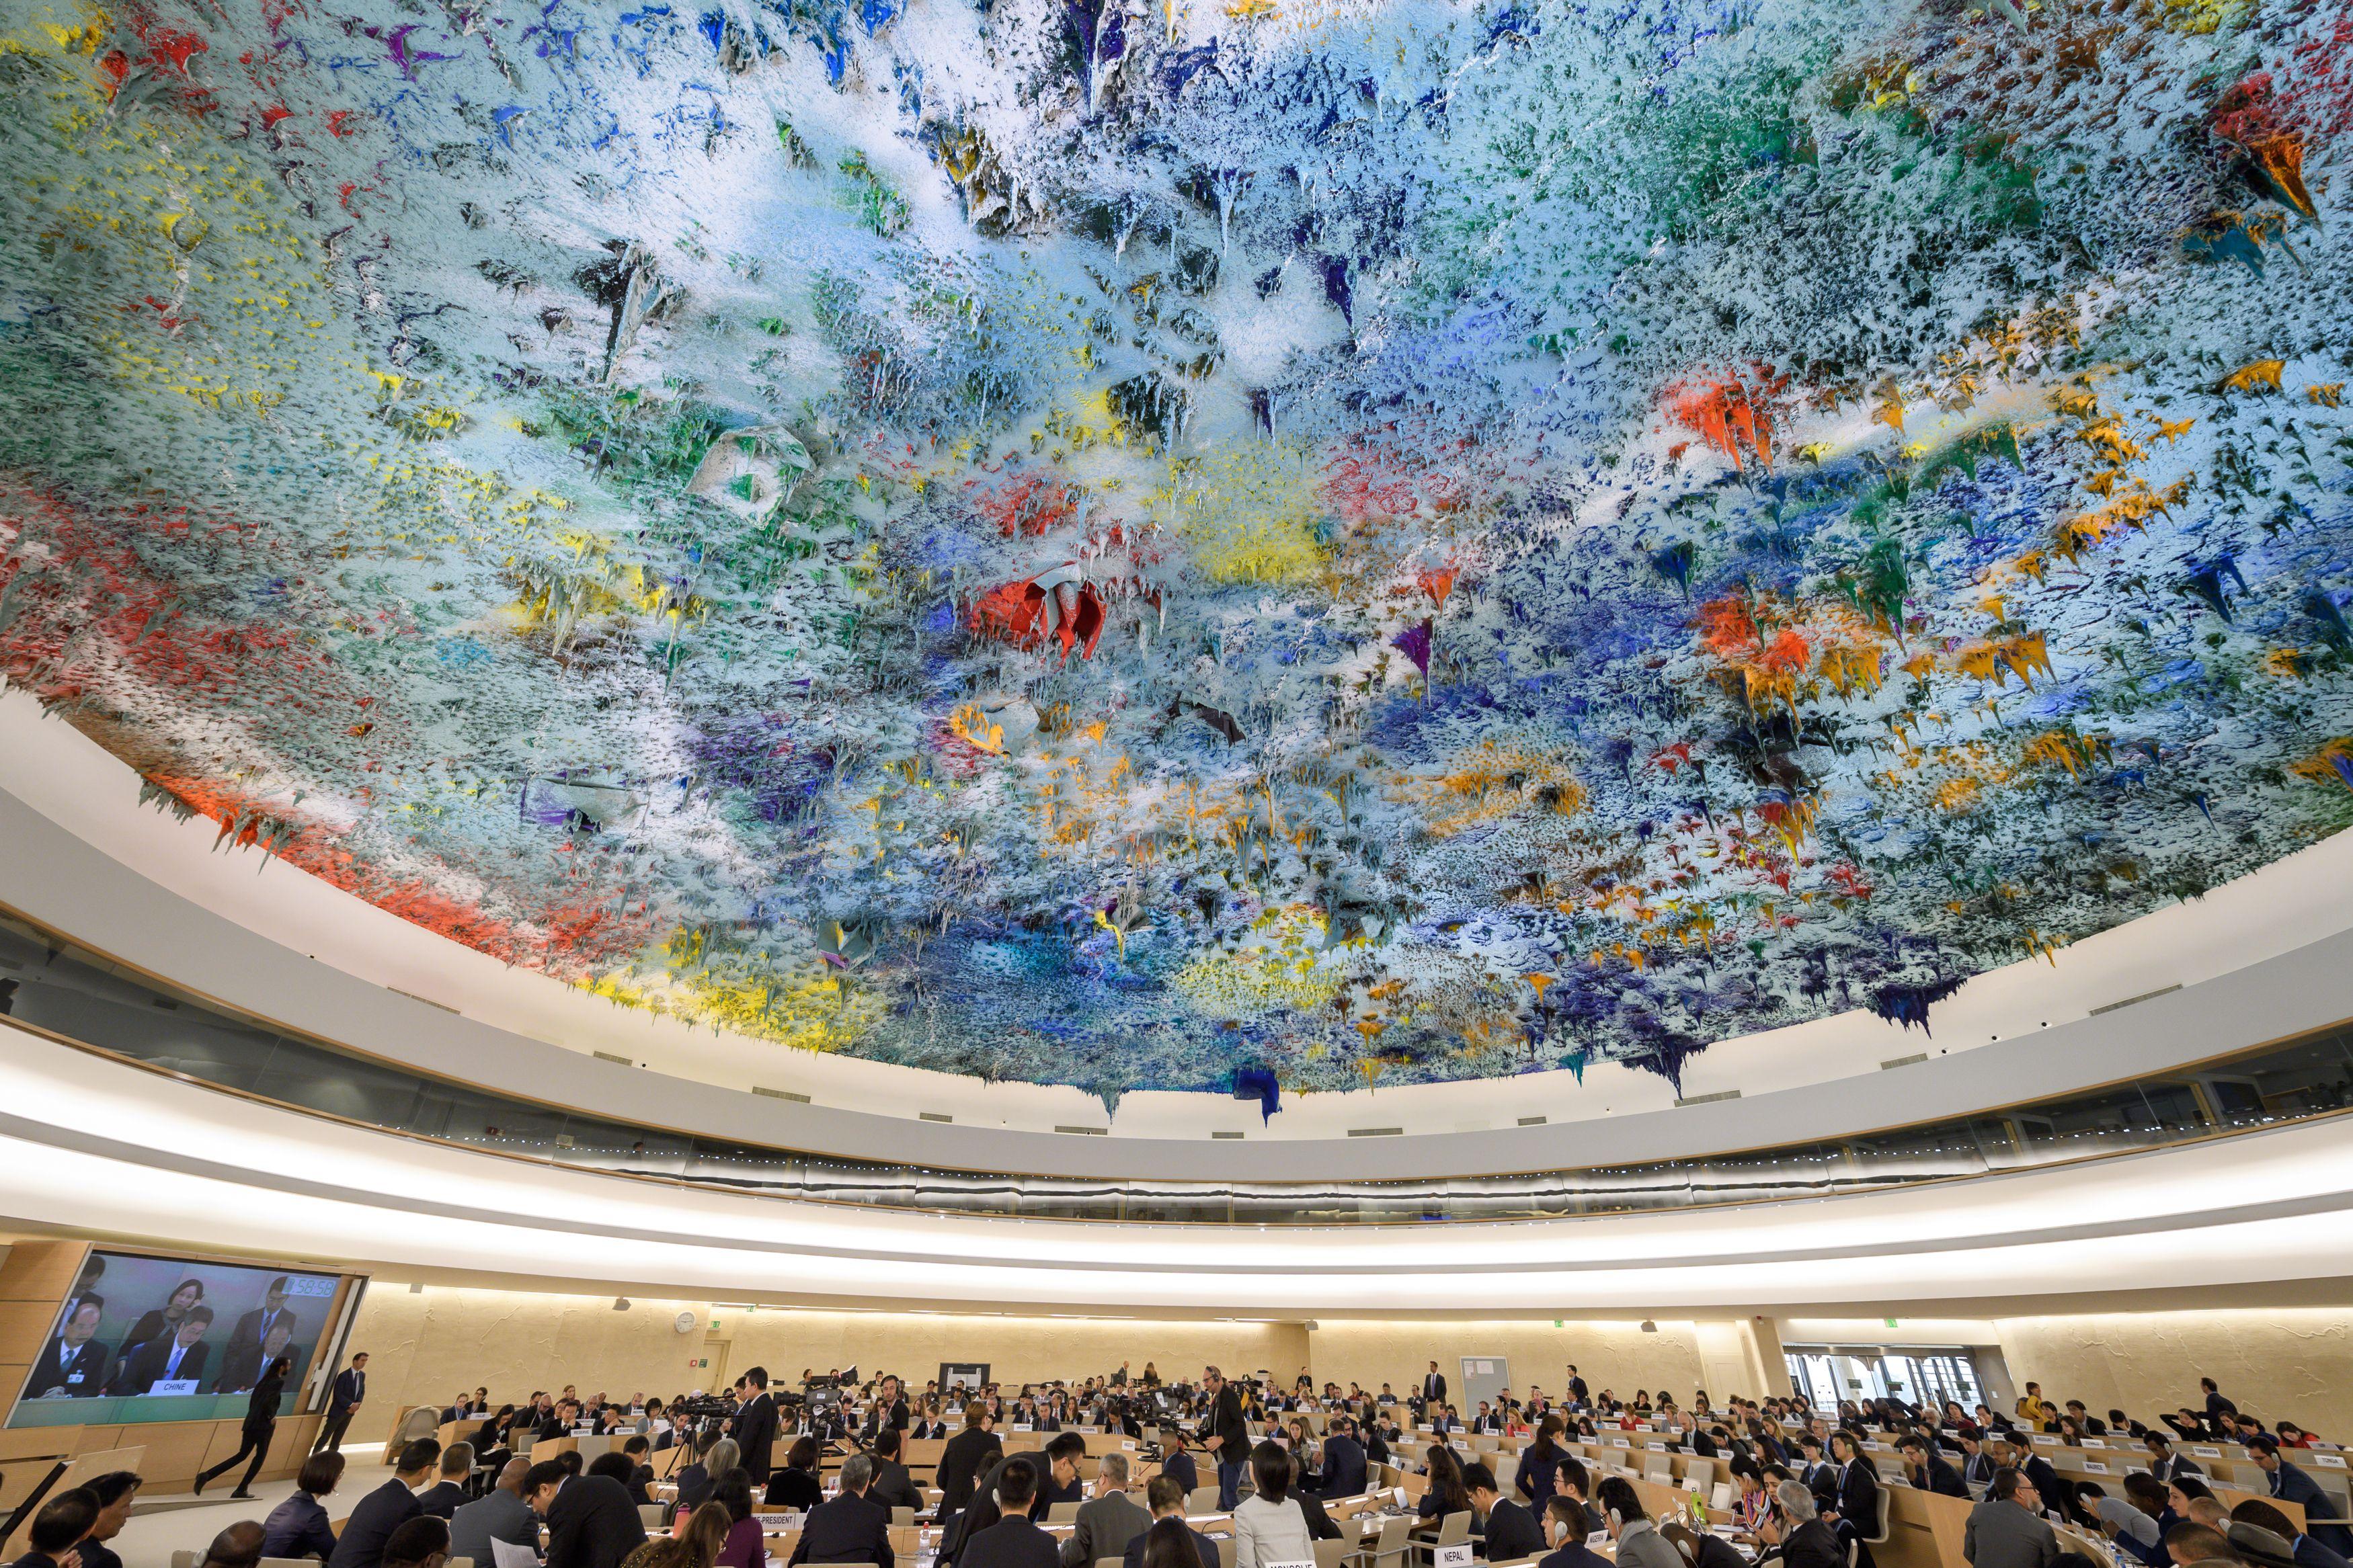 官員聯合國發言遭陸民吐嘈 中共急刪貼